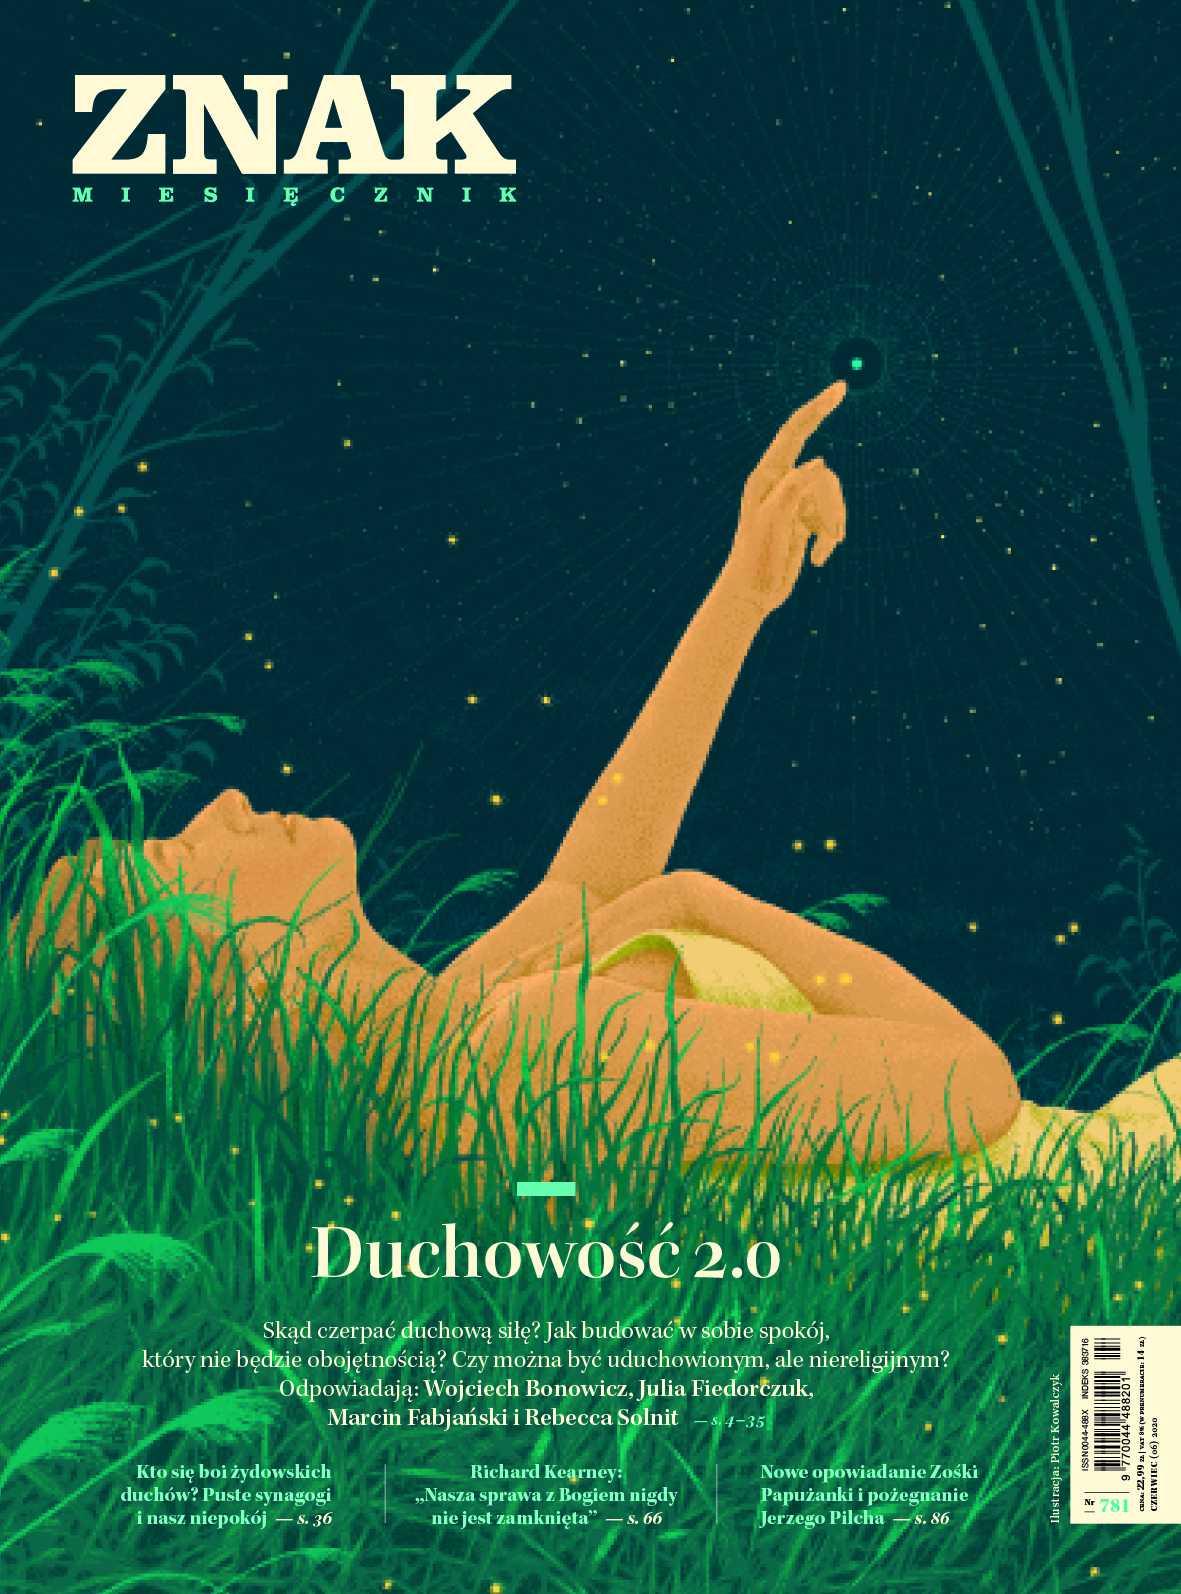 Miesięcznik Znak nr 781: Duchowość 2.0 - Ebook (Książka EPUB) do pobrania w formacie EPUB